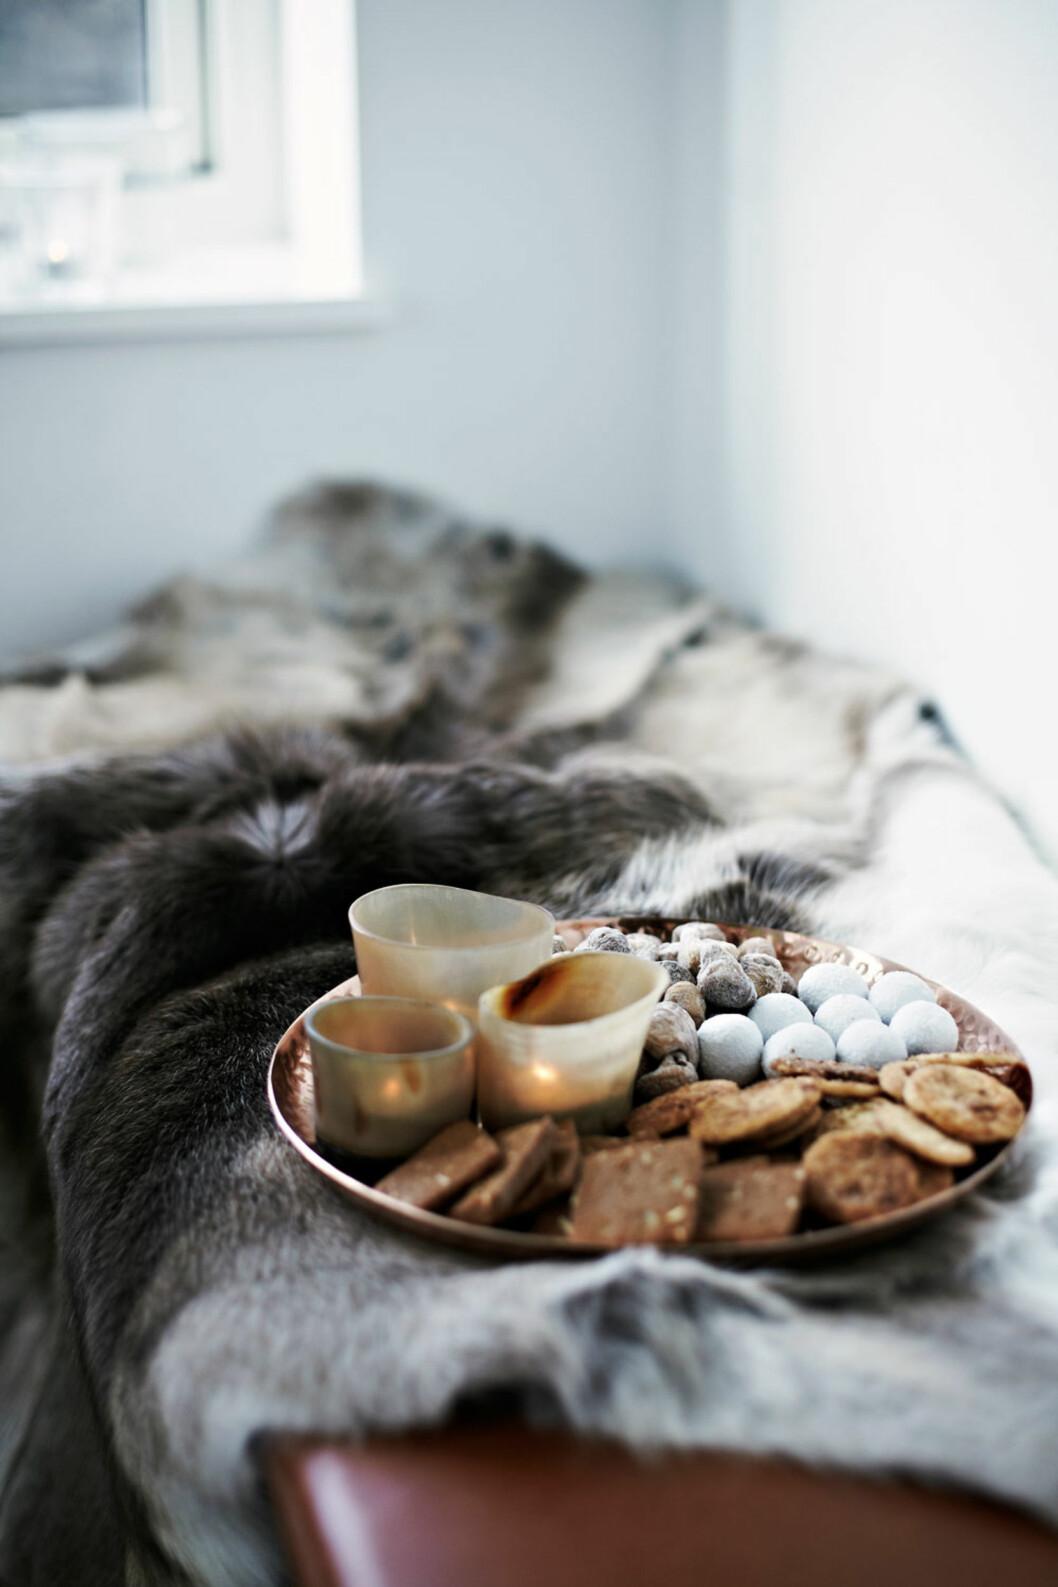 DEILIG JULEDUFT: Pepperkaker og kanelduftlys gir maks julefølelse. Foto: Lene Samsø